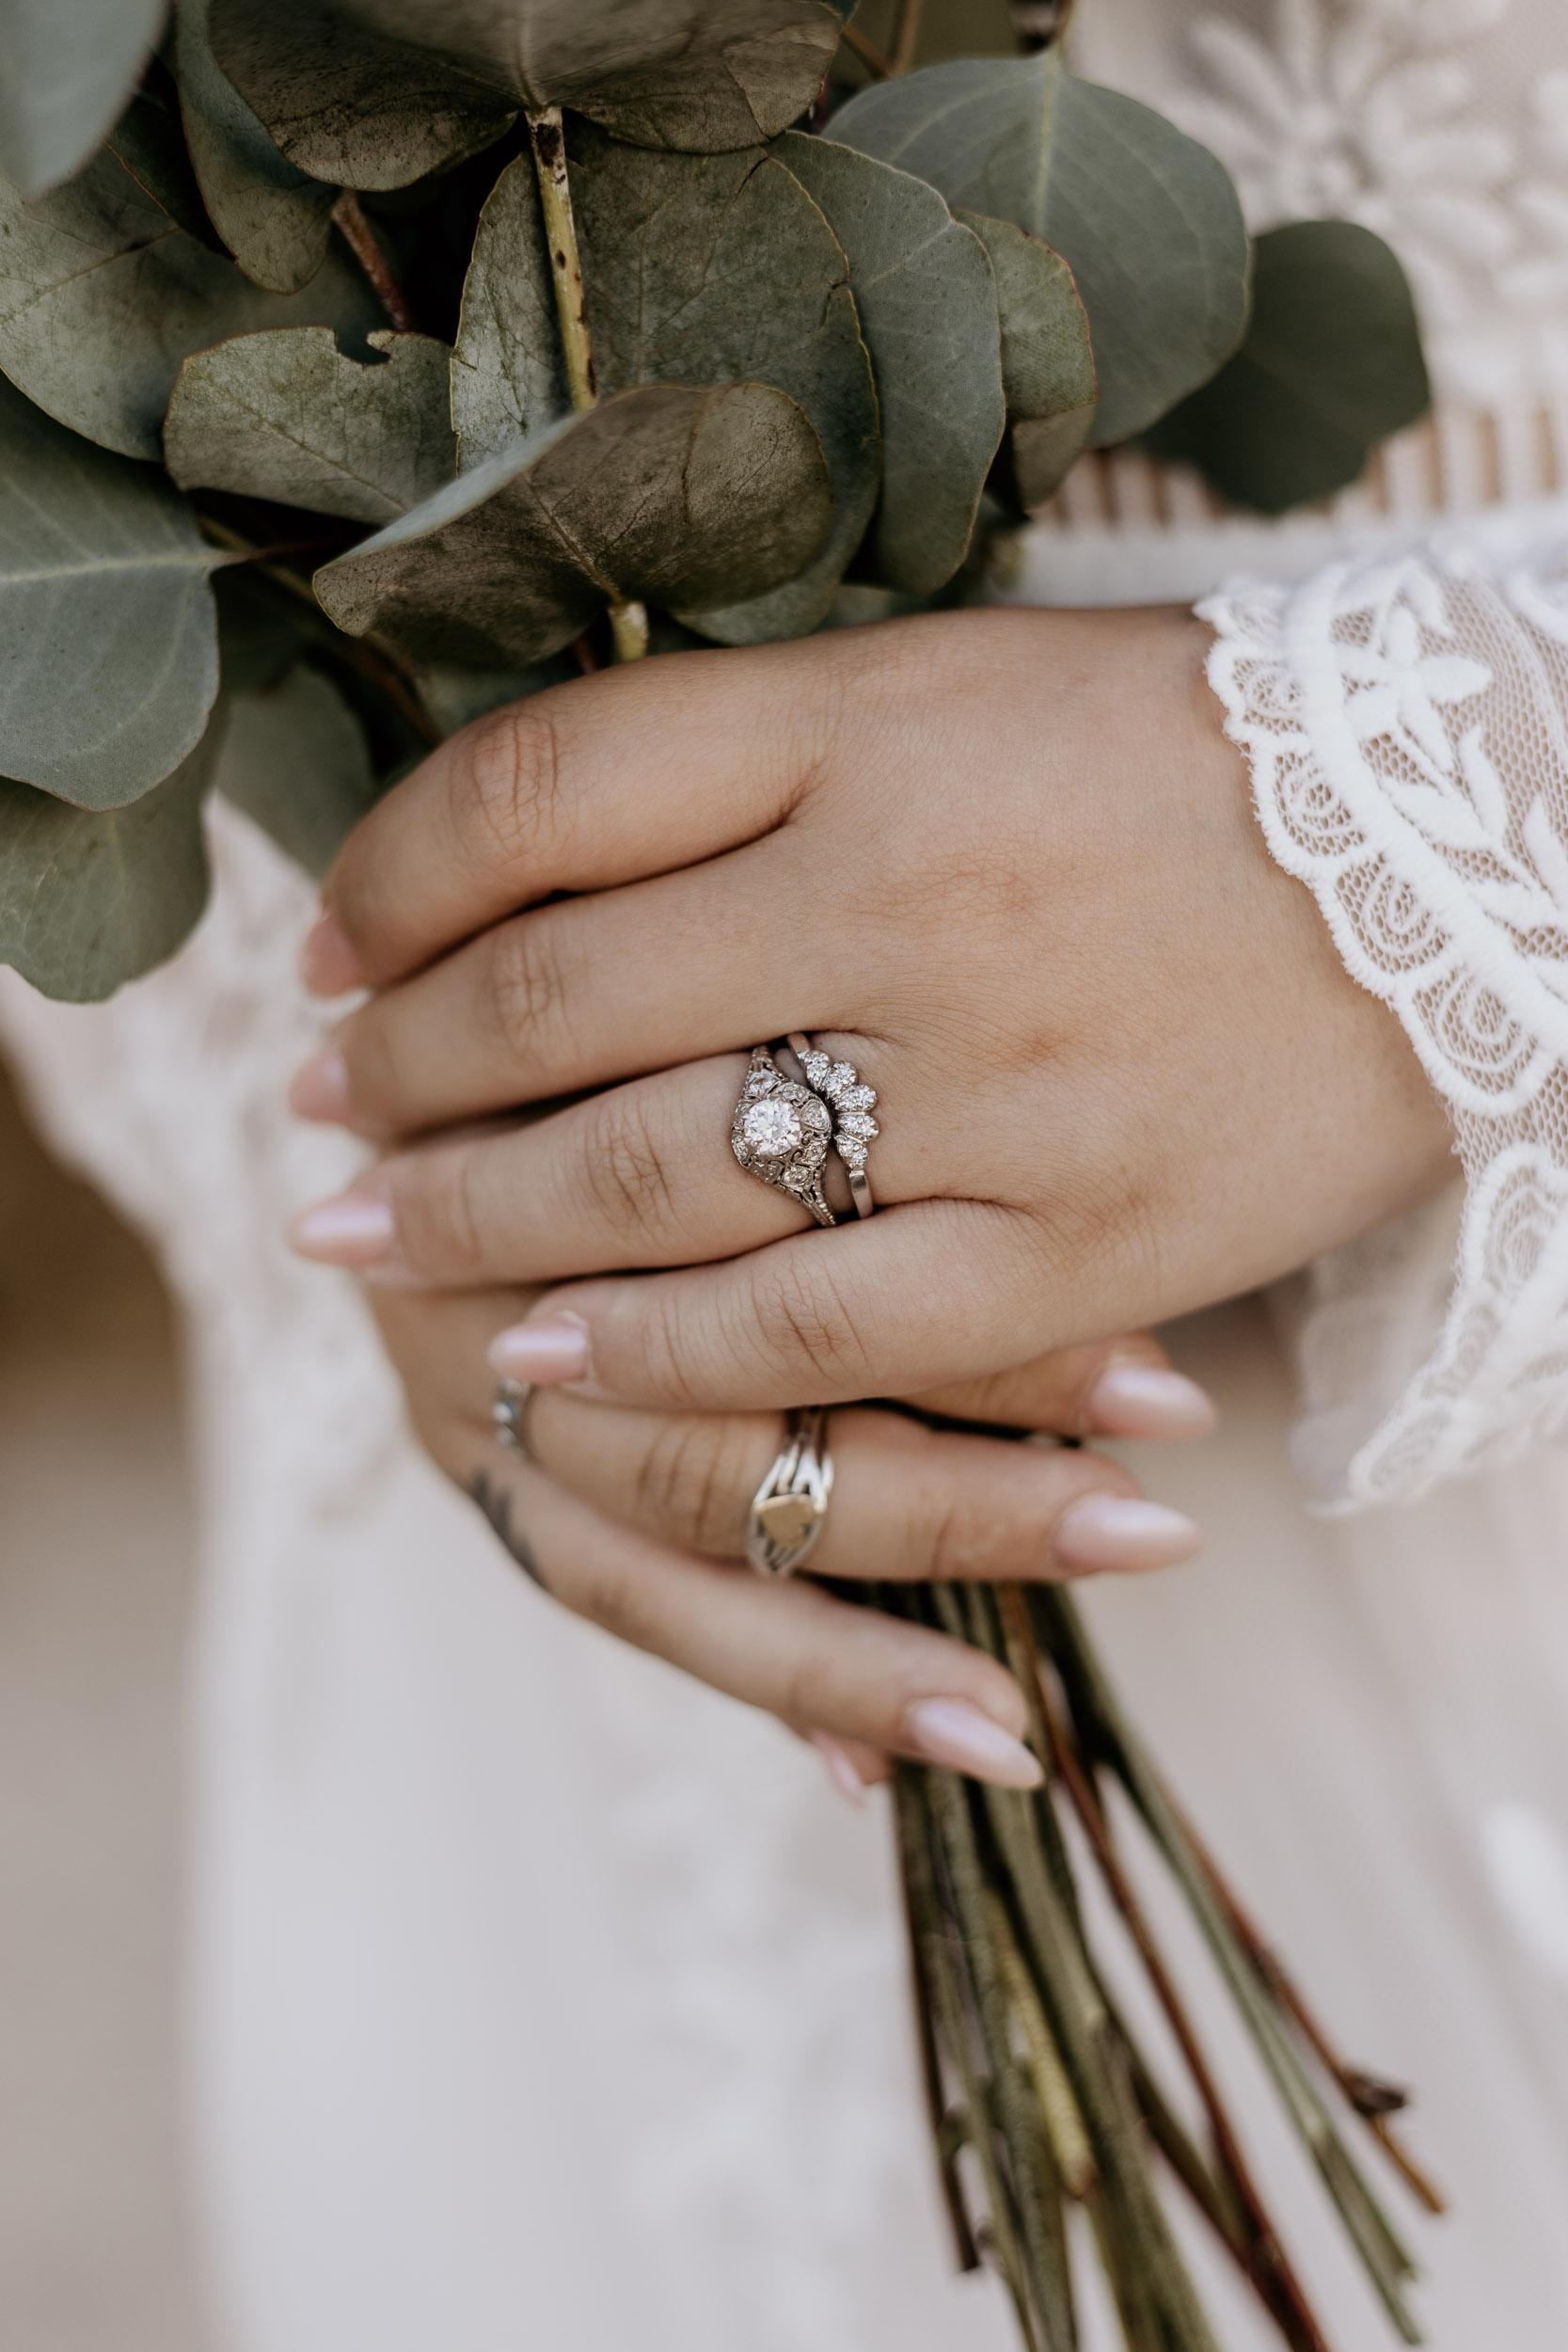 intimate-wedding-elopement-photographer-ottawa-joshua-tree-0085.jpg